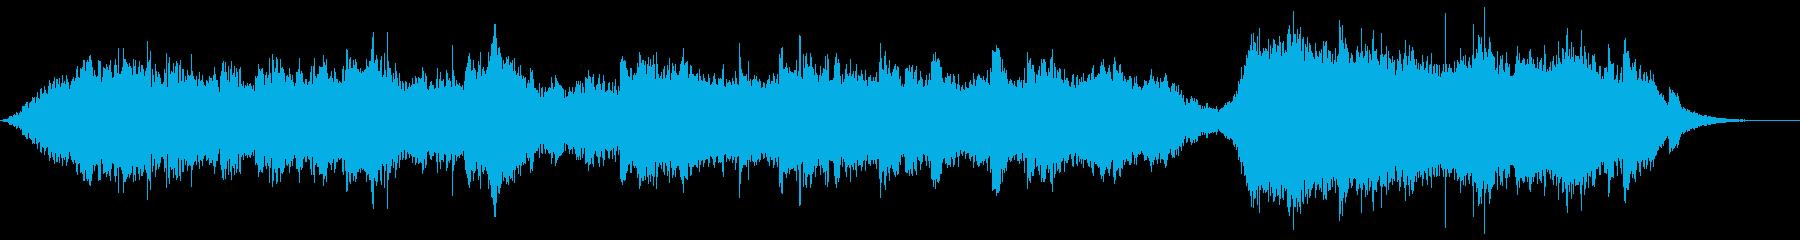 神秘感・浮遊感の漂うアンビエントの再生済みの波形